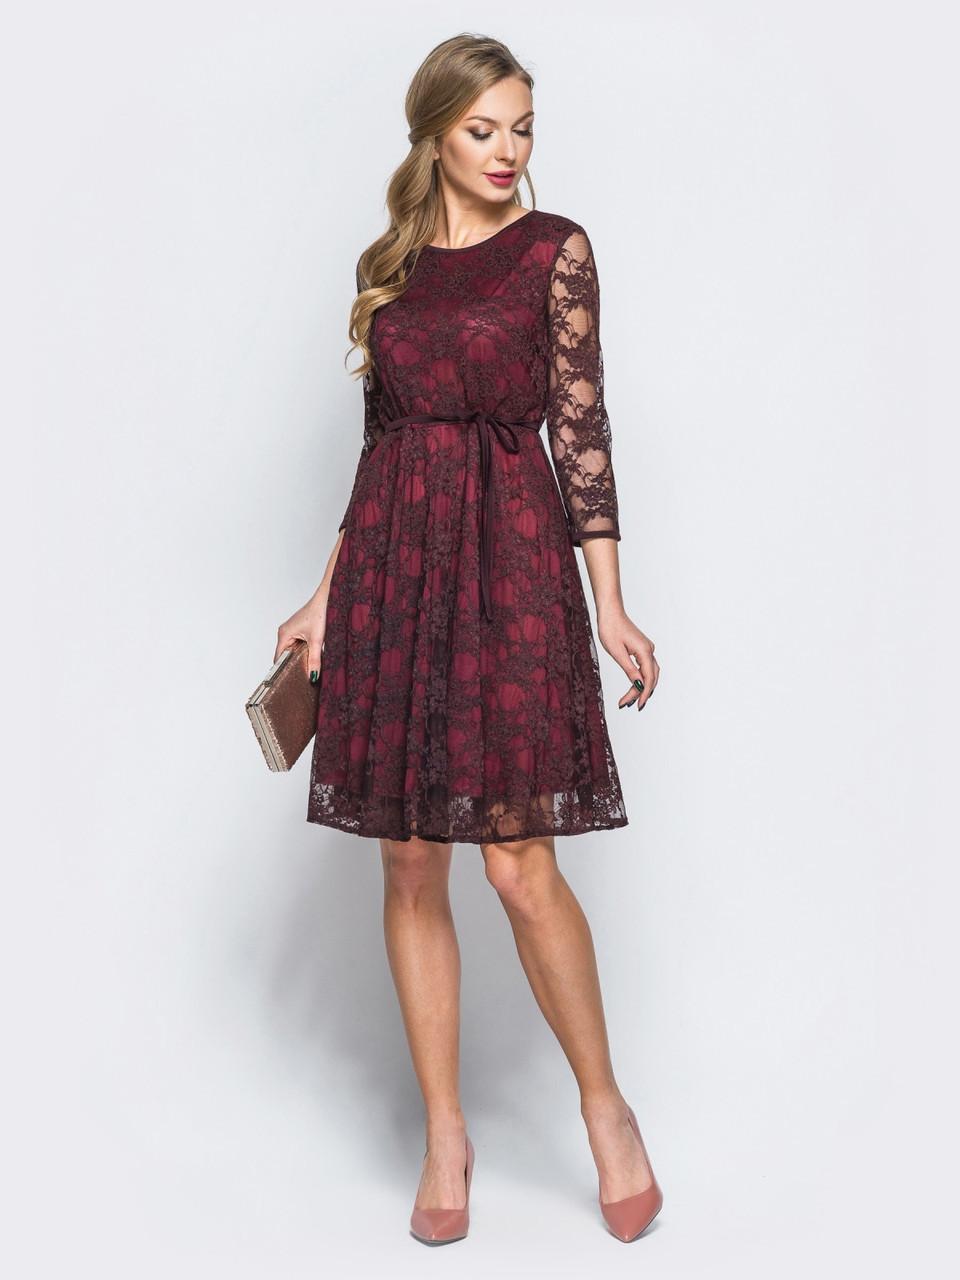 bc1570d8591 🔰Кружевное платье-миди винного цвета с рукавом 3 4 (гипюровое ...